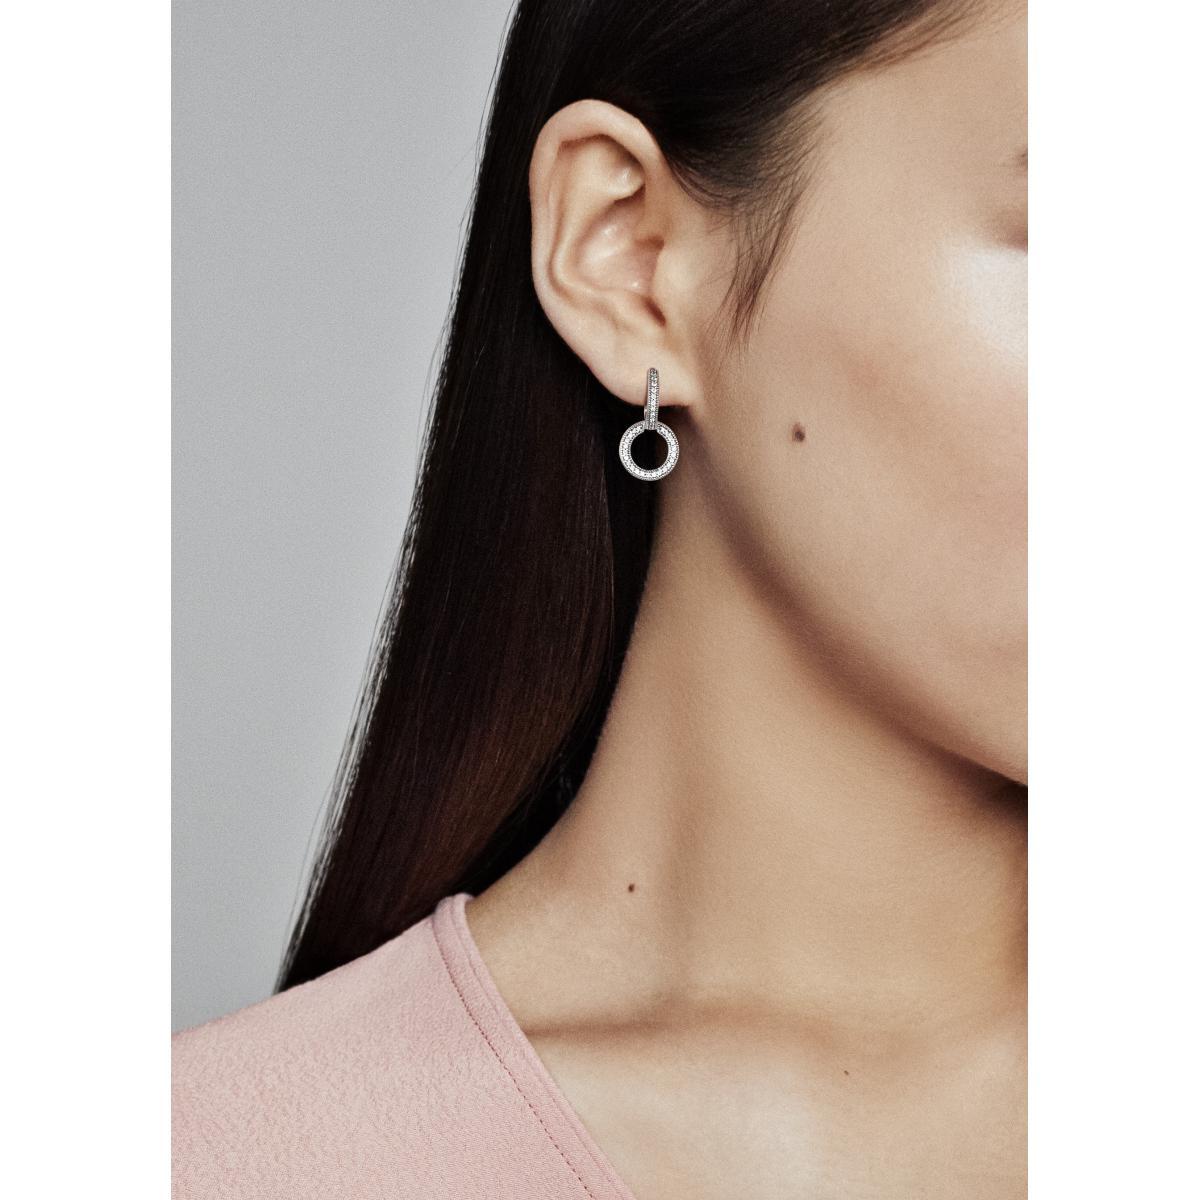 Creoles rondes et Signature Pandora 299052C01 - Boucles d'oreilles Pandora  Femme